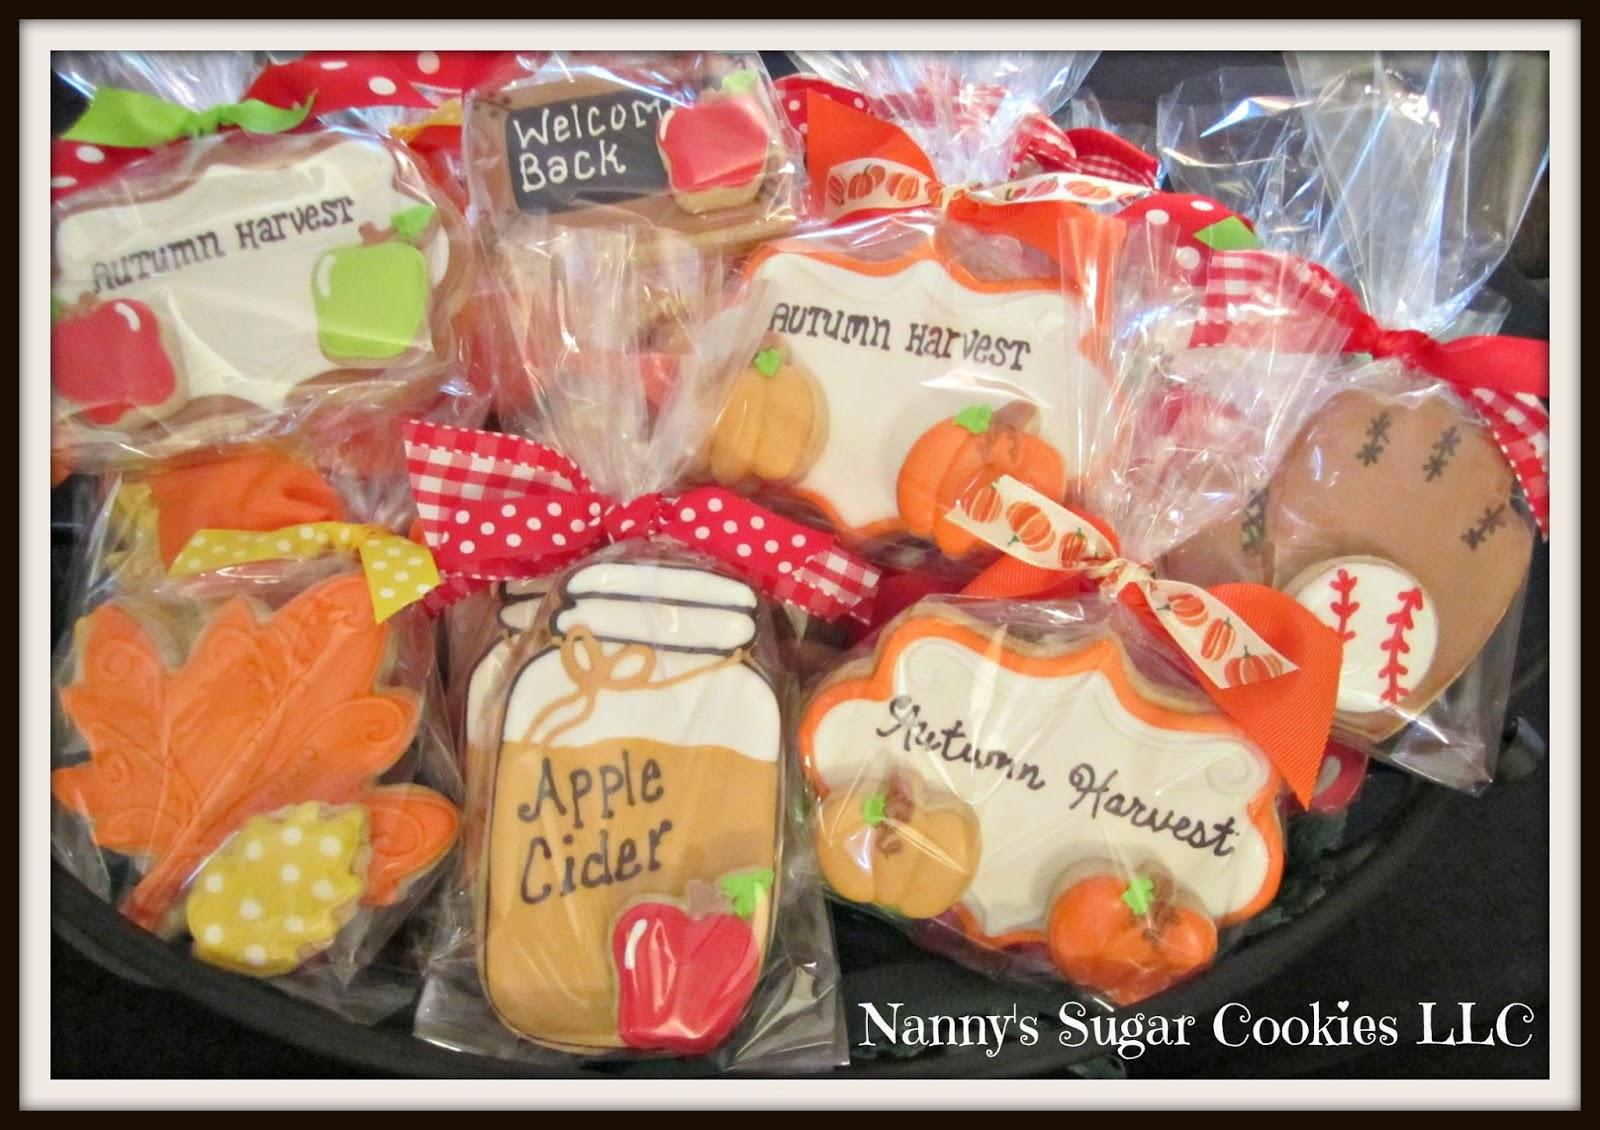 Nanny's Sugar Cookies Llc  Welcome Fall 2015